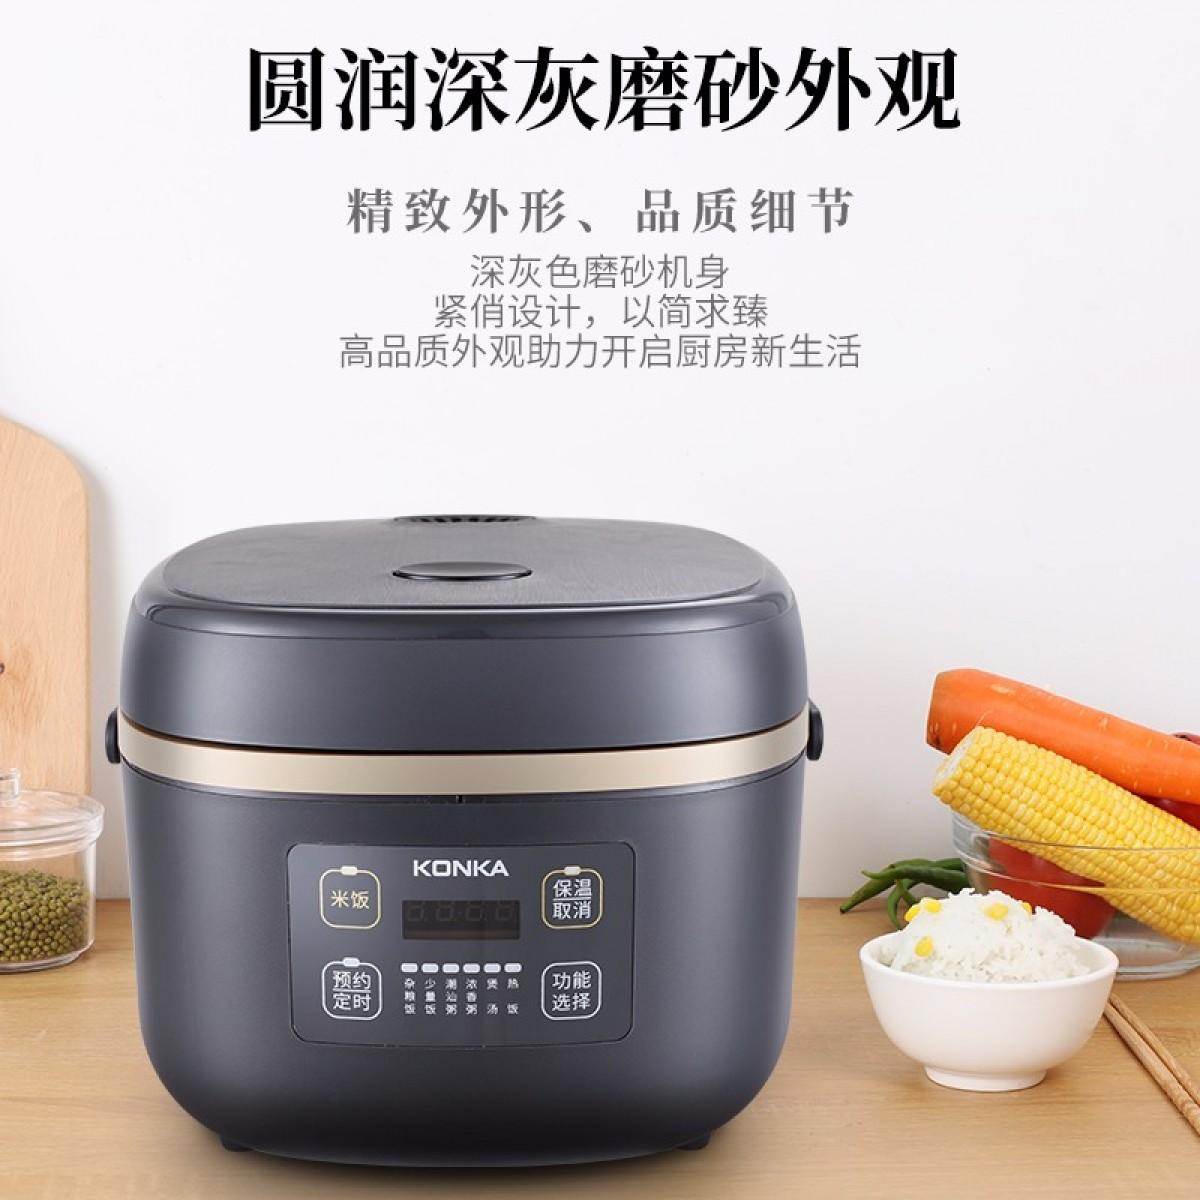 康佳 电饭煲 4升家用电饭锅智能蒸饭锅多功能电热锅